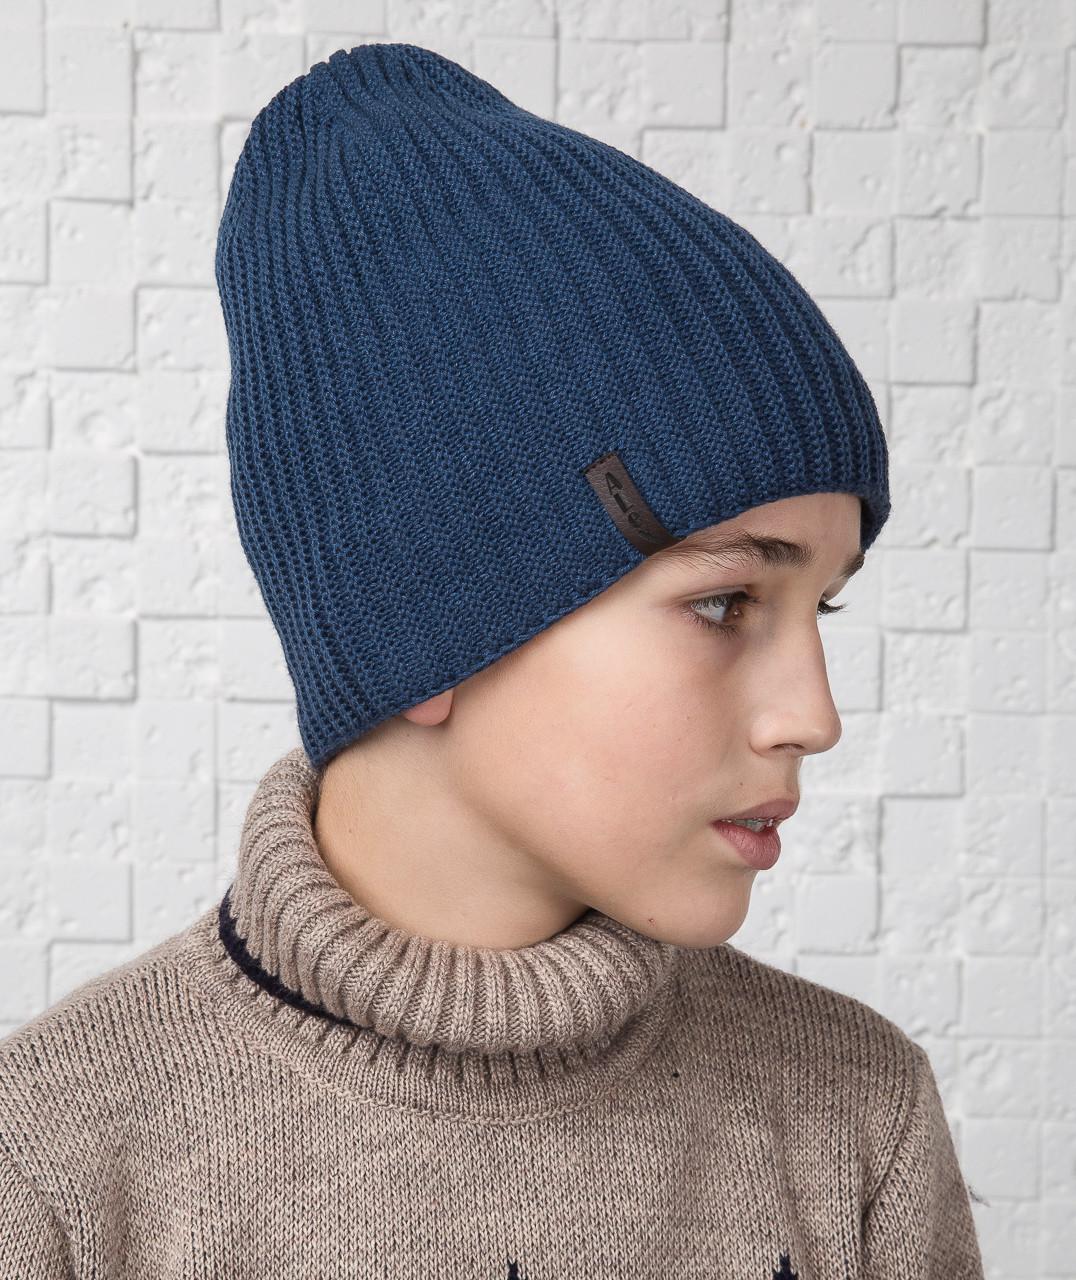 купить длинную вязаную шапку для мальчика подростка на флисе артикул Al17027 по